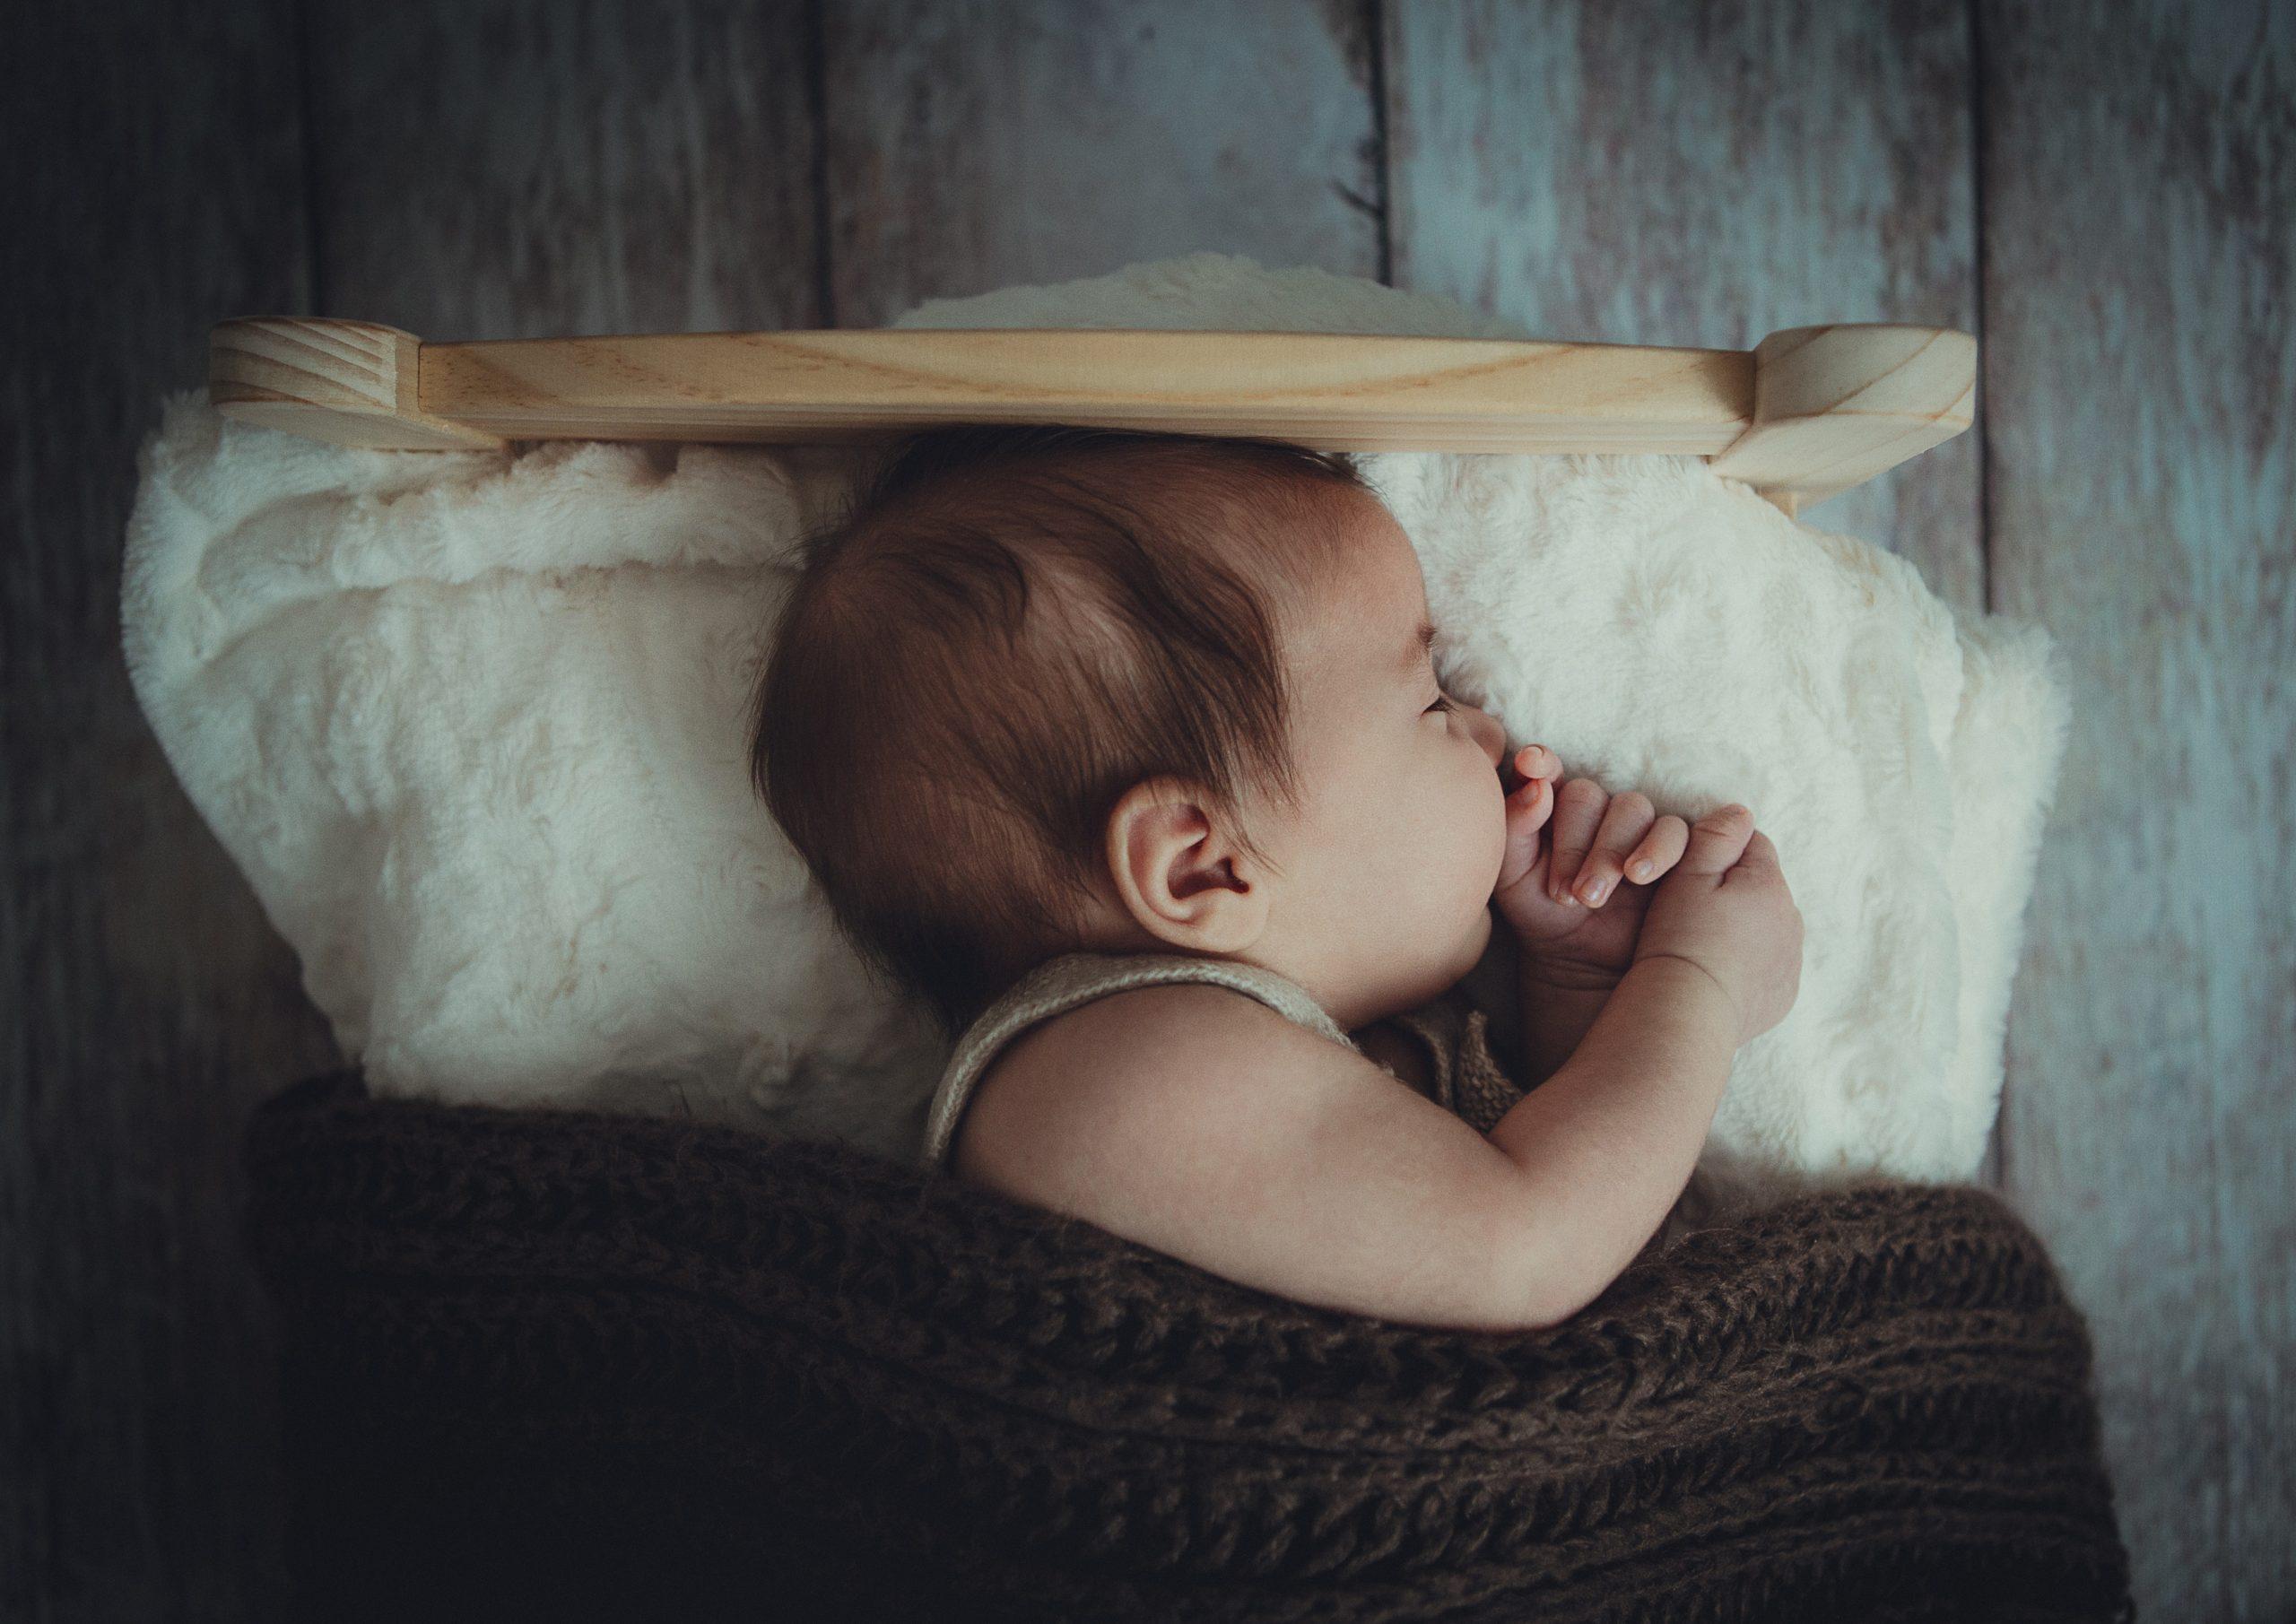 baby sick injured